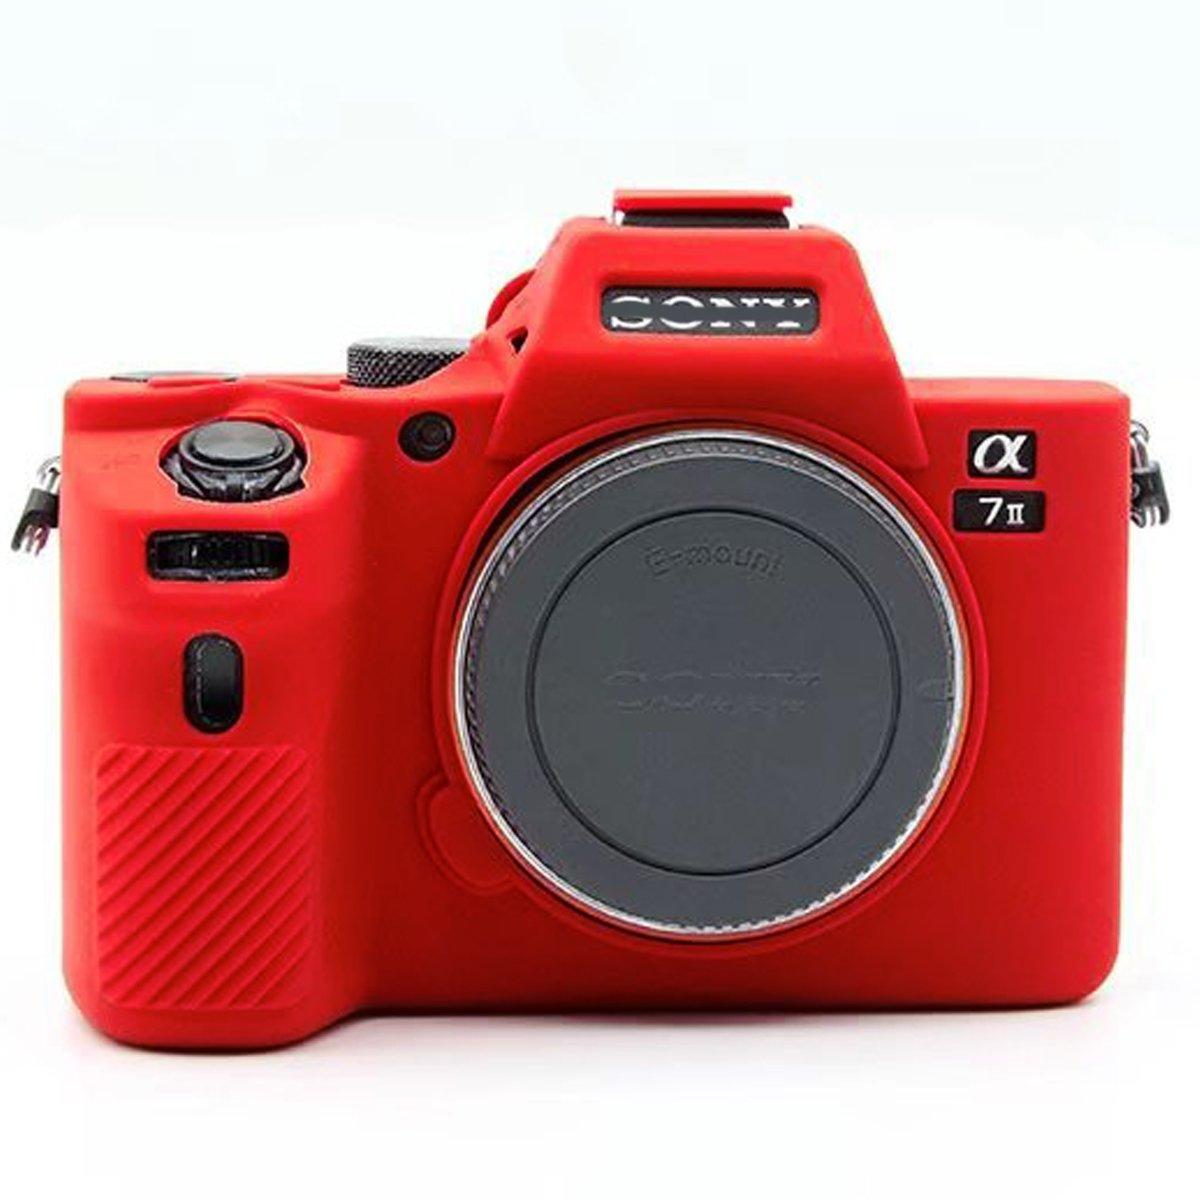 プロフェッショナル安全ソフトシリコンカメラケースバッグハウジングゴムボディスキンfor Sony Alpha a7ii a7r2 a7rii a7sii a7 Mark IIデジタルSLRカメラ保護ケース B07DGW3K3F レッド